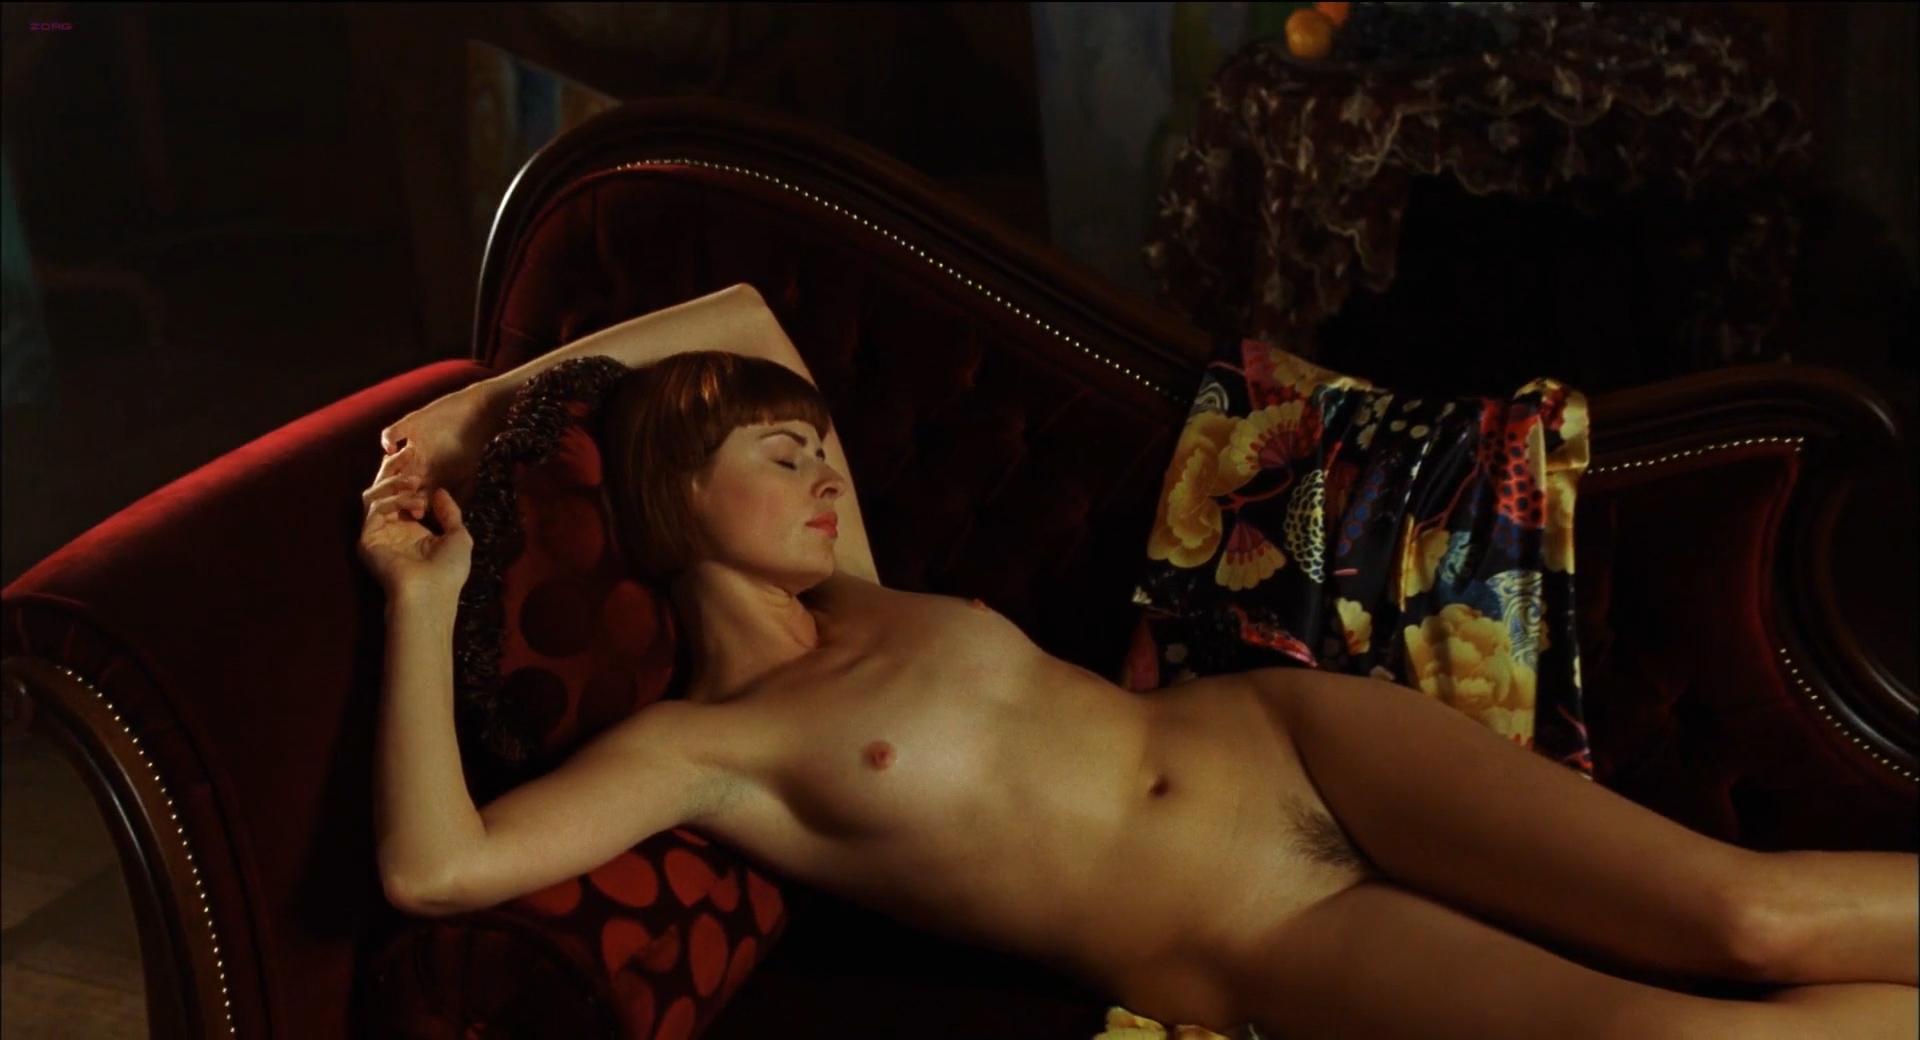 huem-novoe-kino-erotika